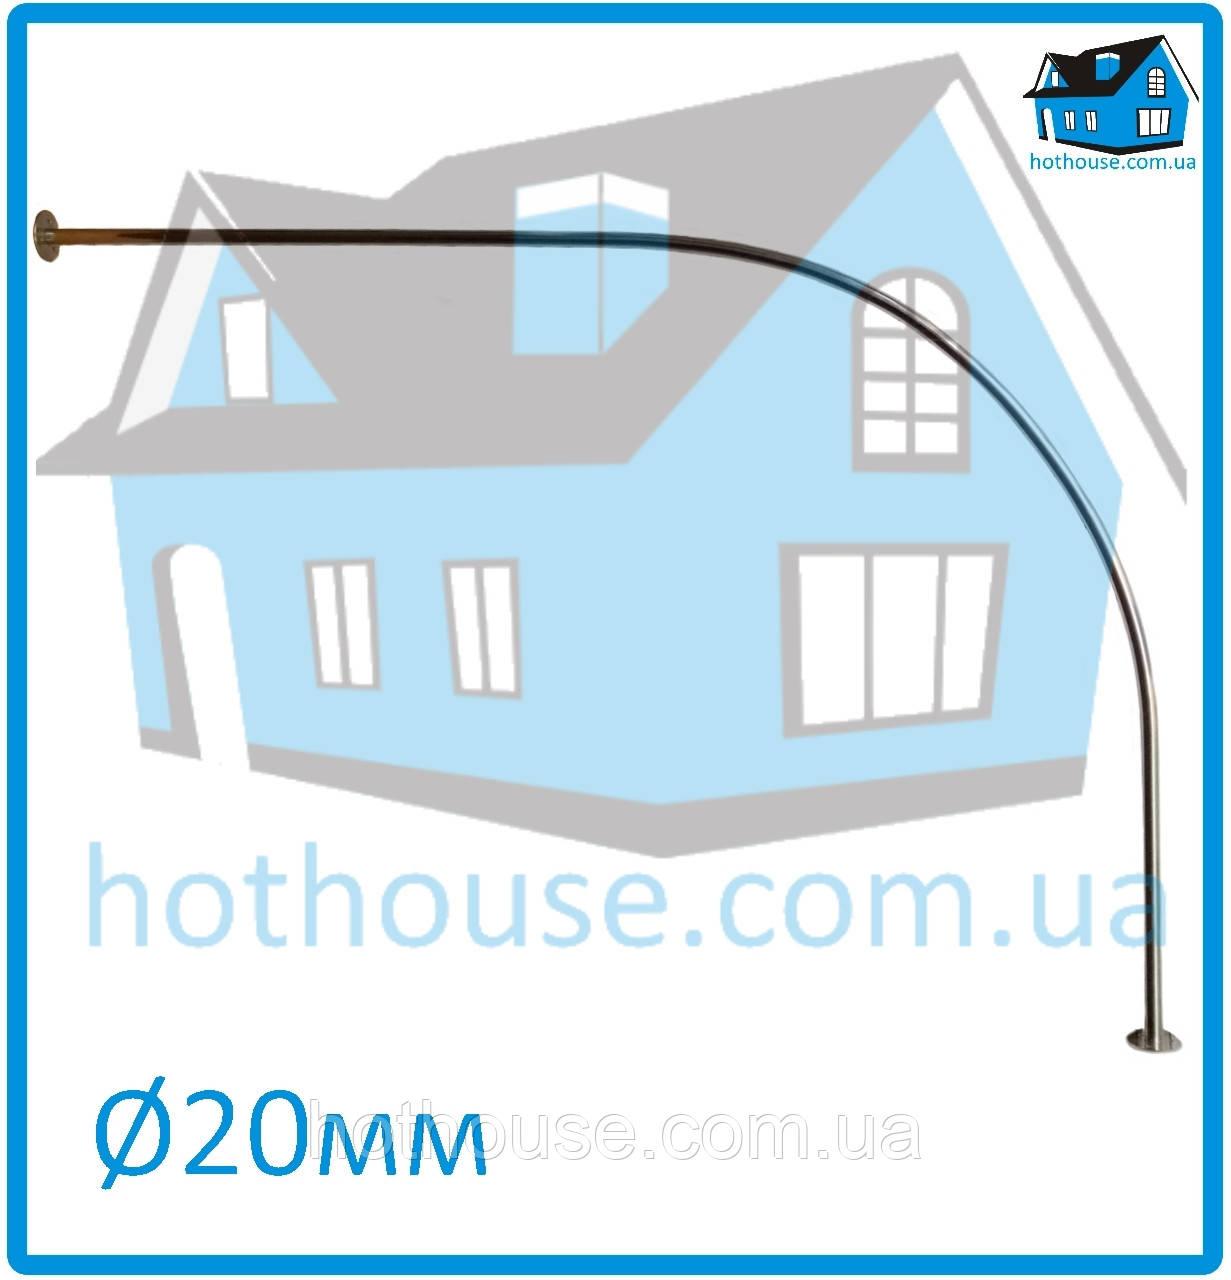 Карниз нержавейка дуга 70*170 для шторы (ванная, душ)